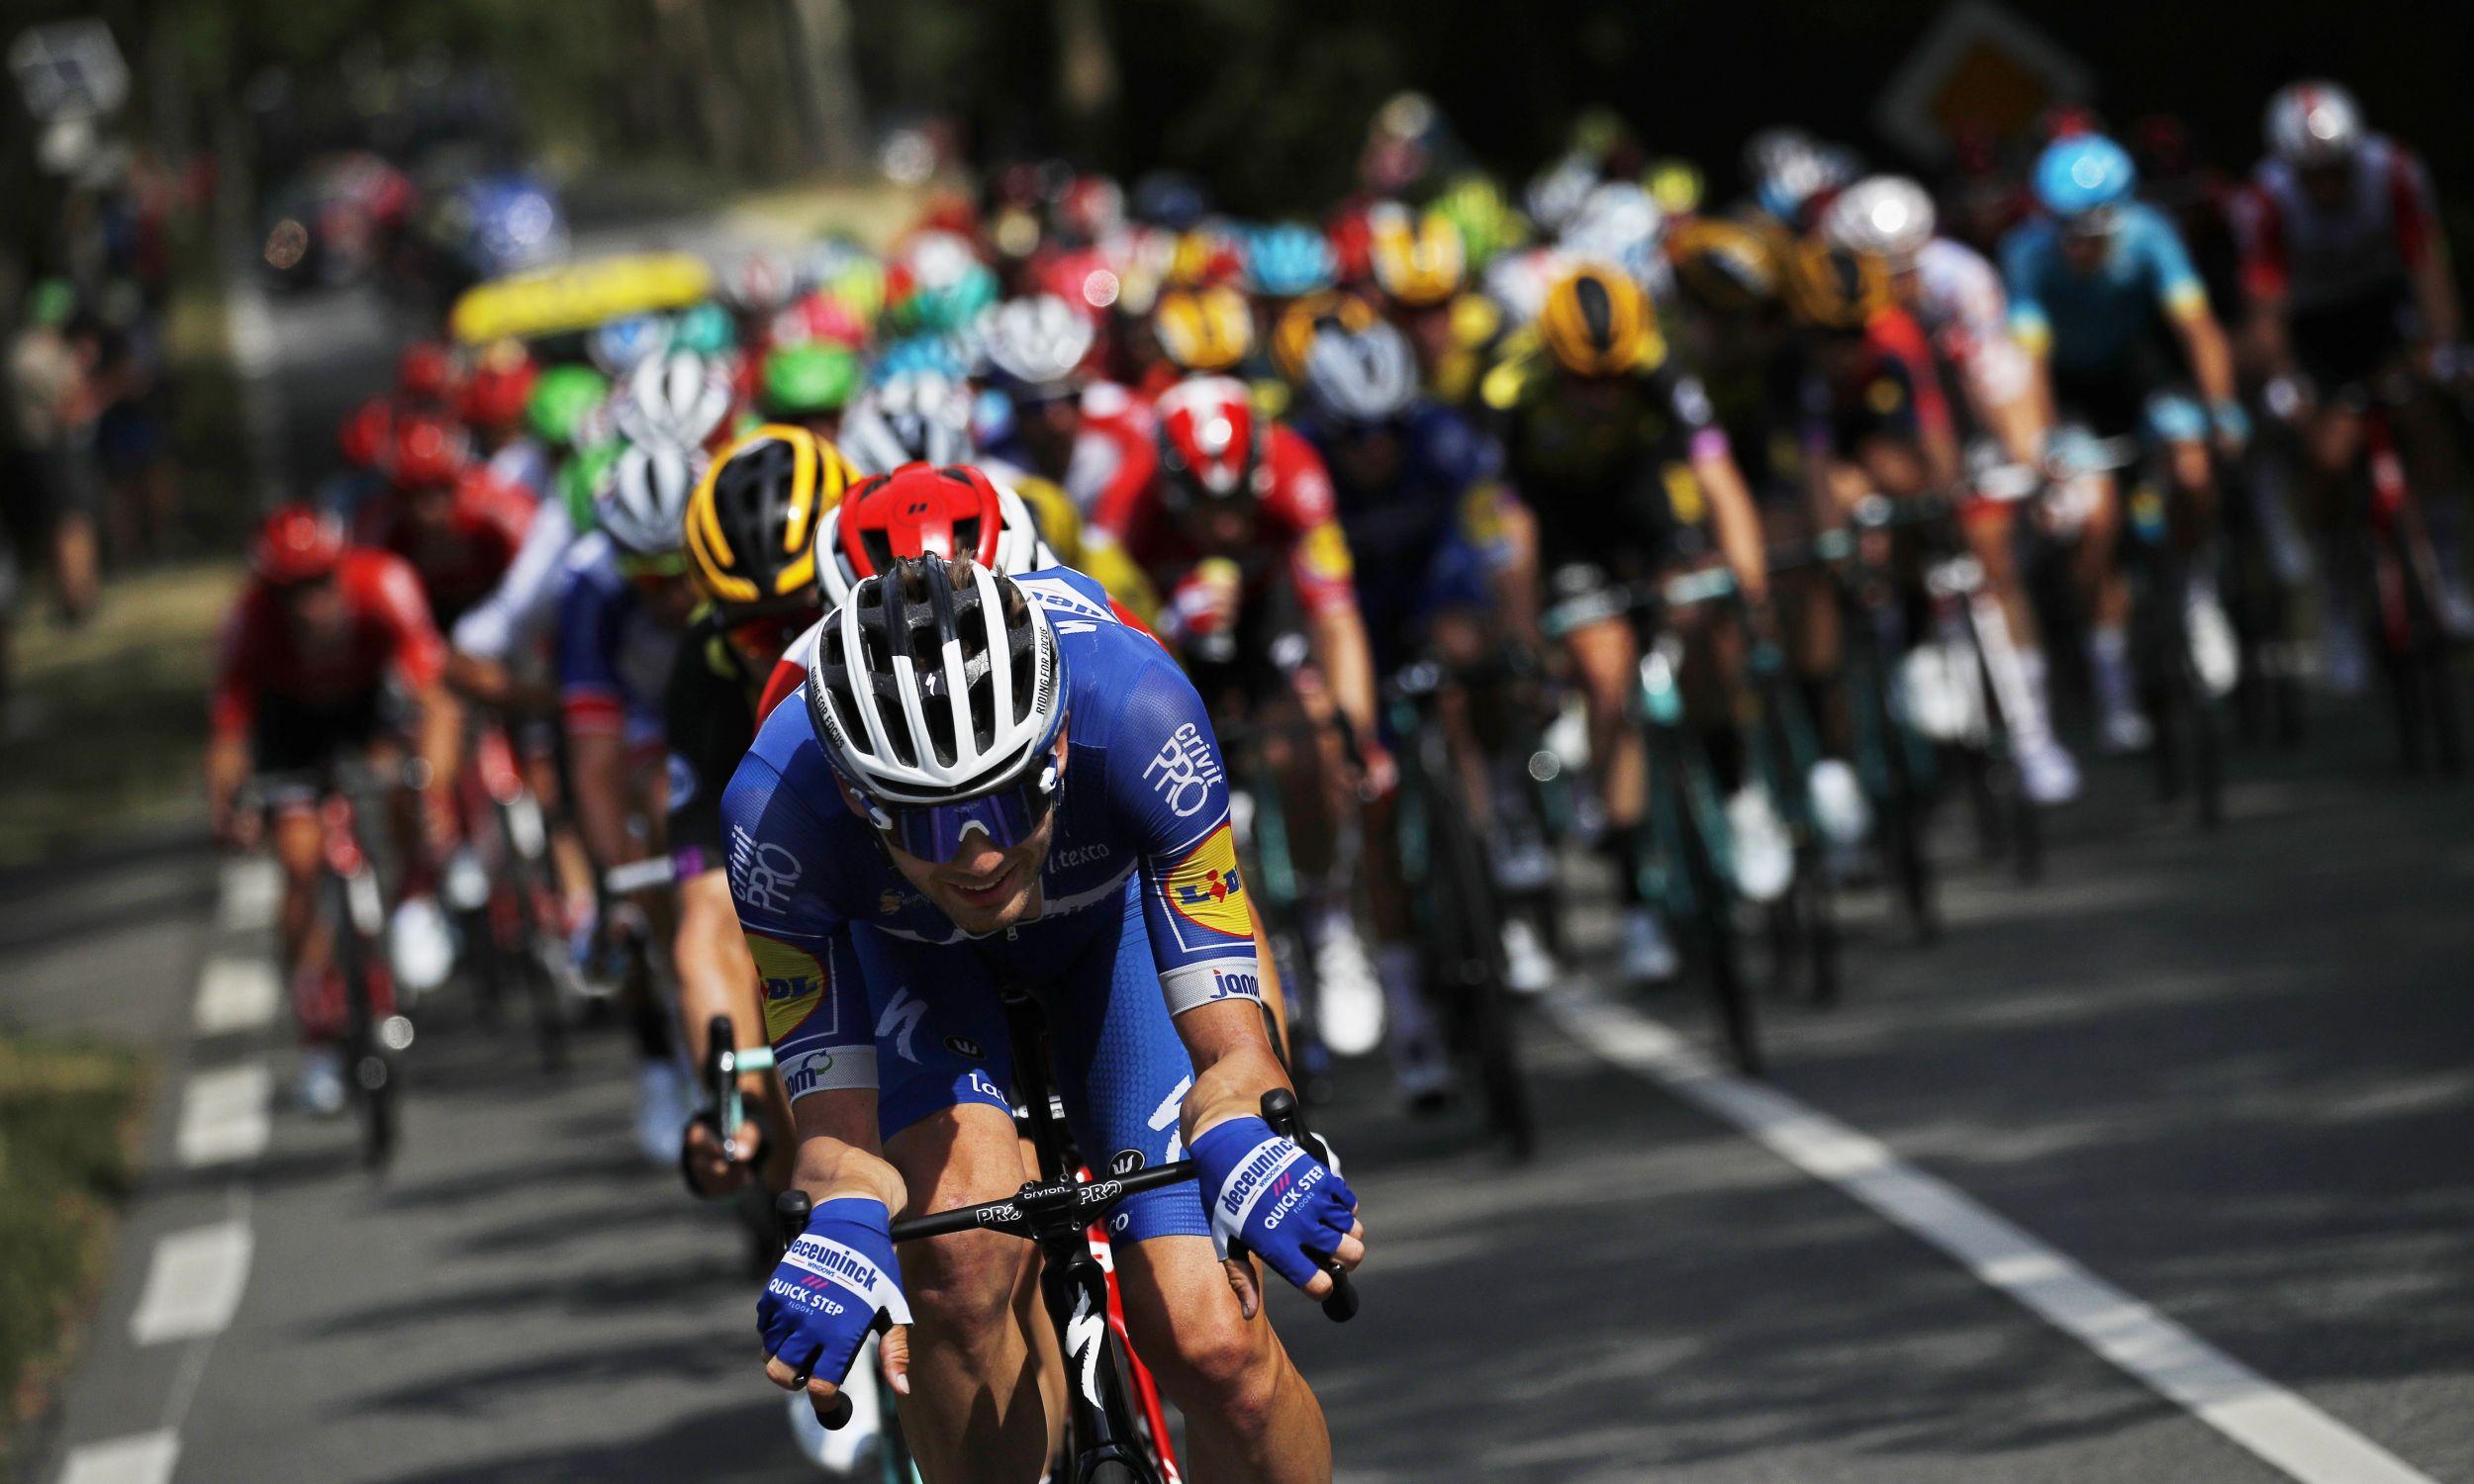 11. etap 106. edycji Tour de France z Albi do Tuluzy liczył 167 kilometrów. Fot. YOAN VALAT/EPA/PAP